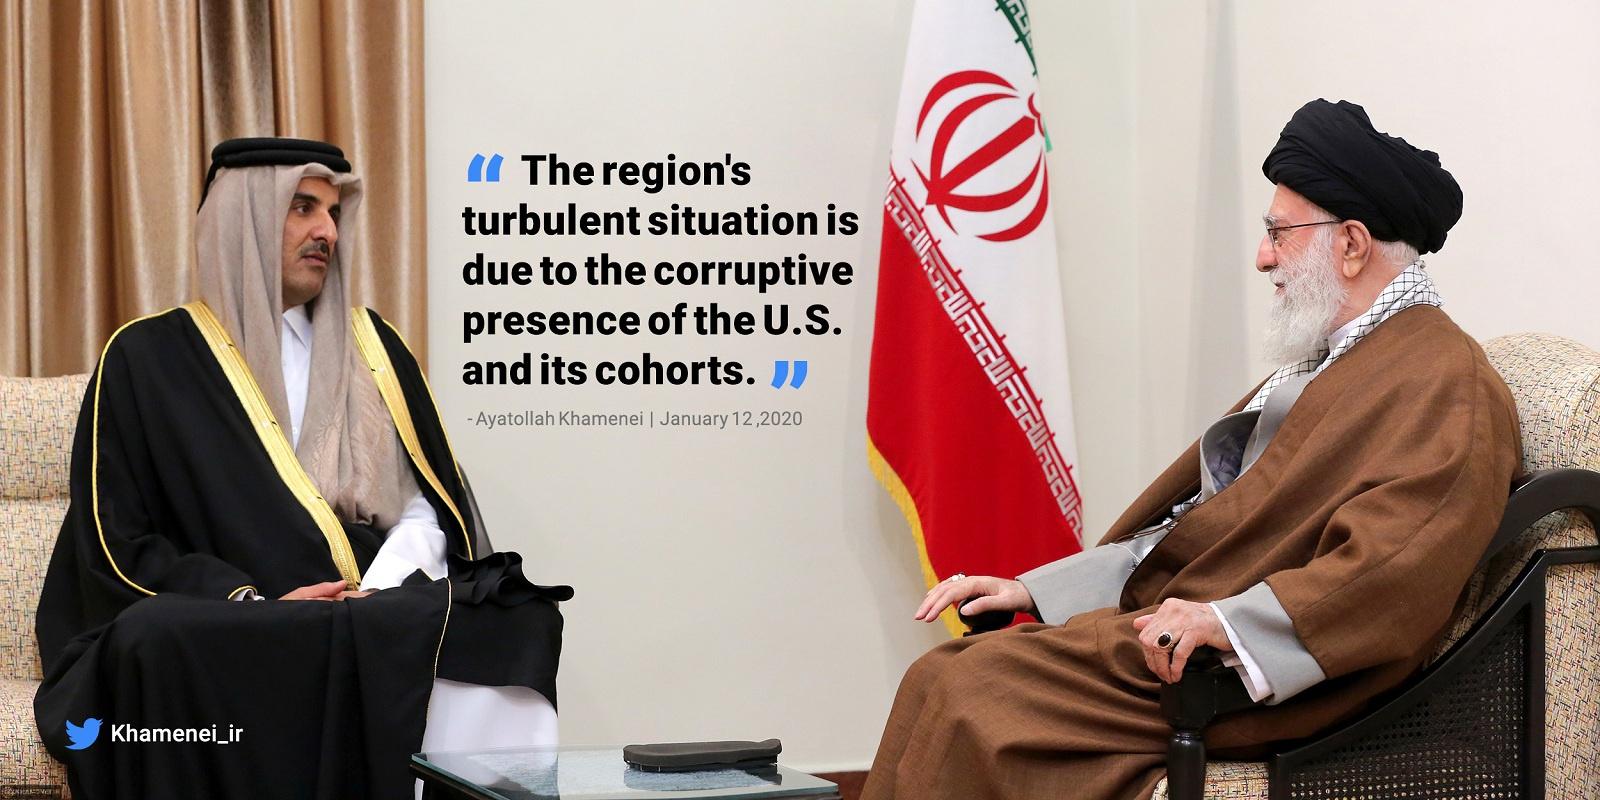 伊朗最高領袖連發3推:美及其同伙是中東動蕩之源